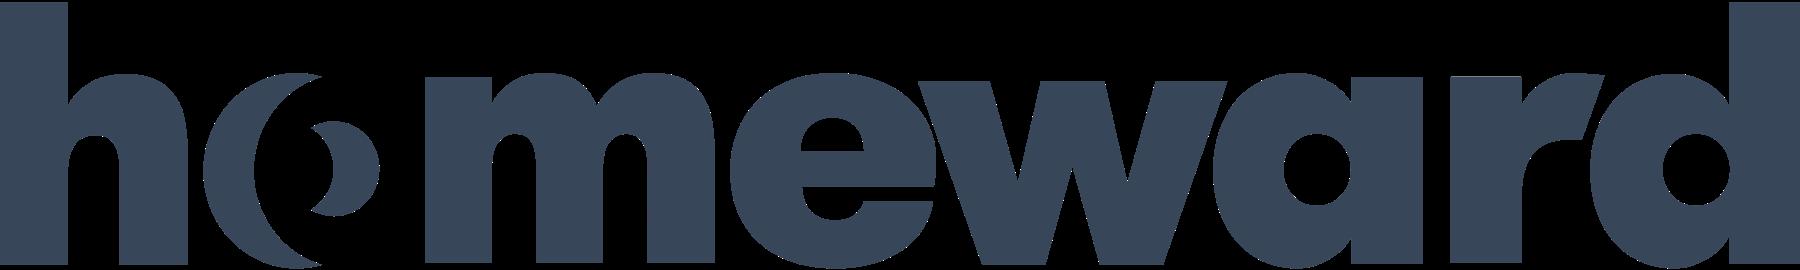 Homeward logo 3x.png